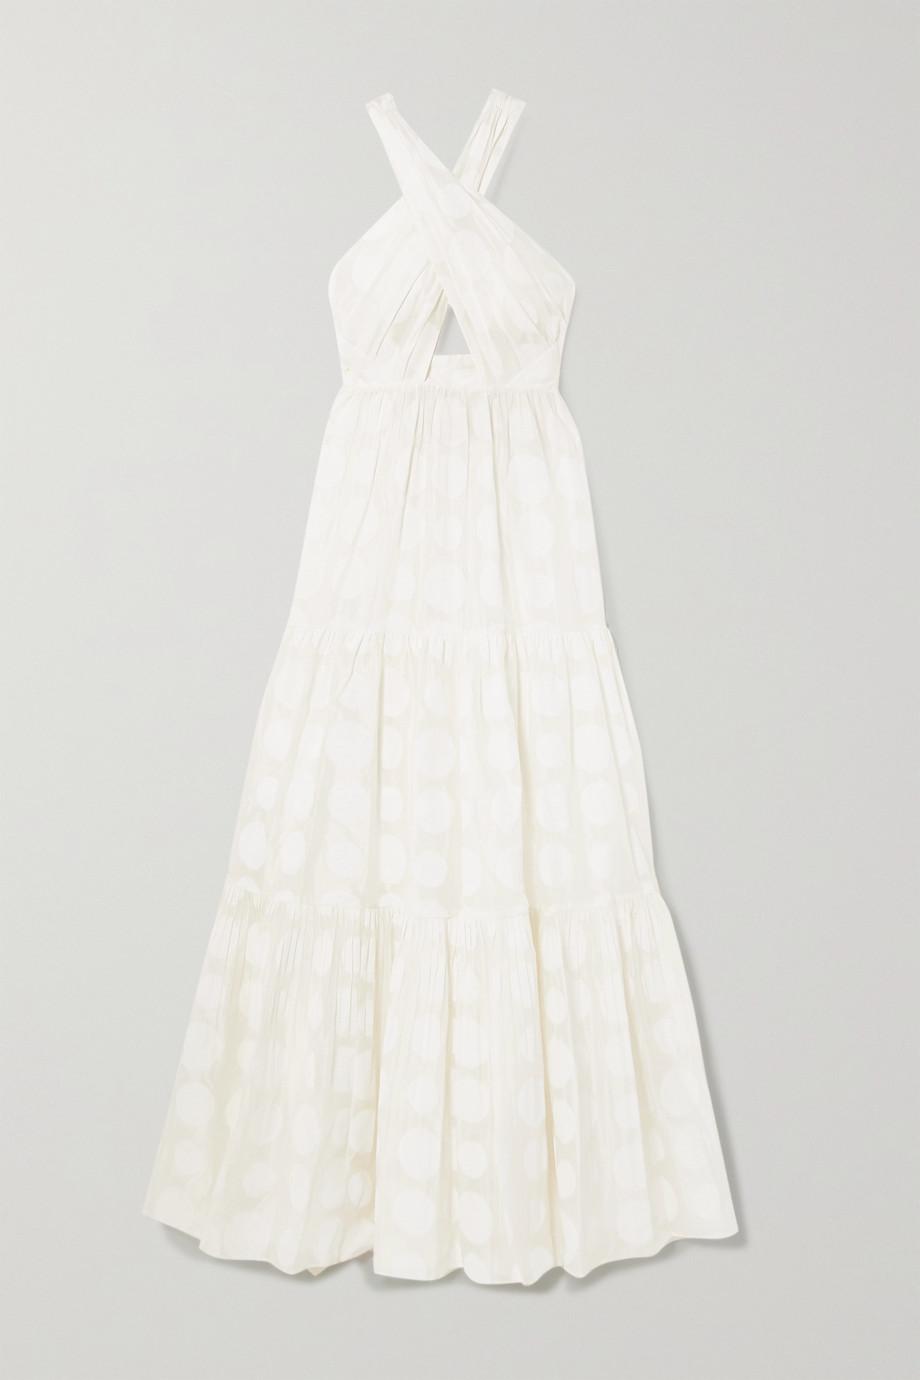 Ulla Johnson Fontaine 挖剪刺绣提花棉丝混纺挂脖超长连衣裙